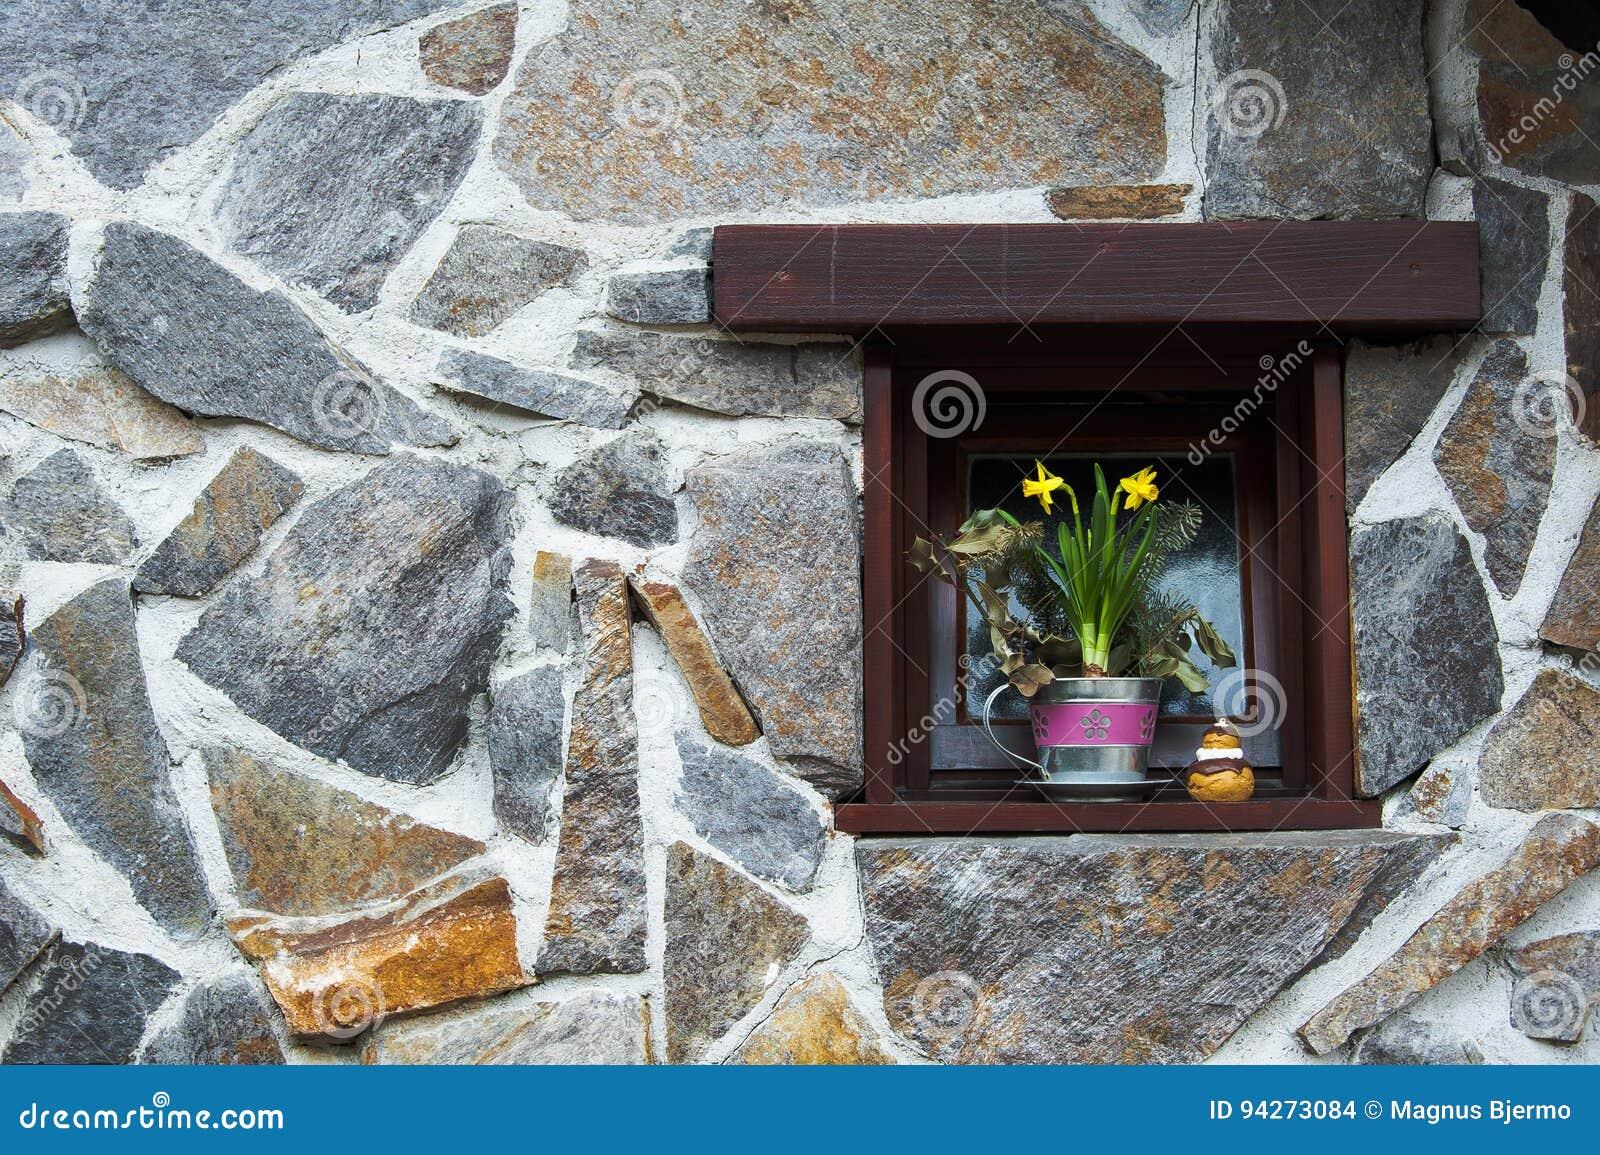 Jonquilles dans le pot de fleur sur le rebord de fenêtre dans la petite fenêtre enfoncée